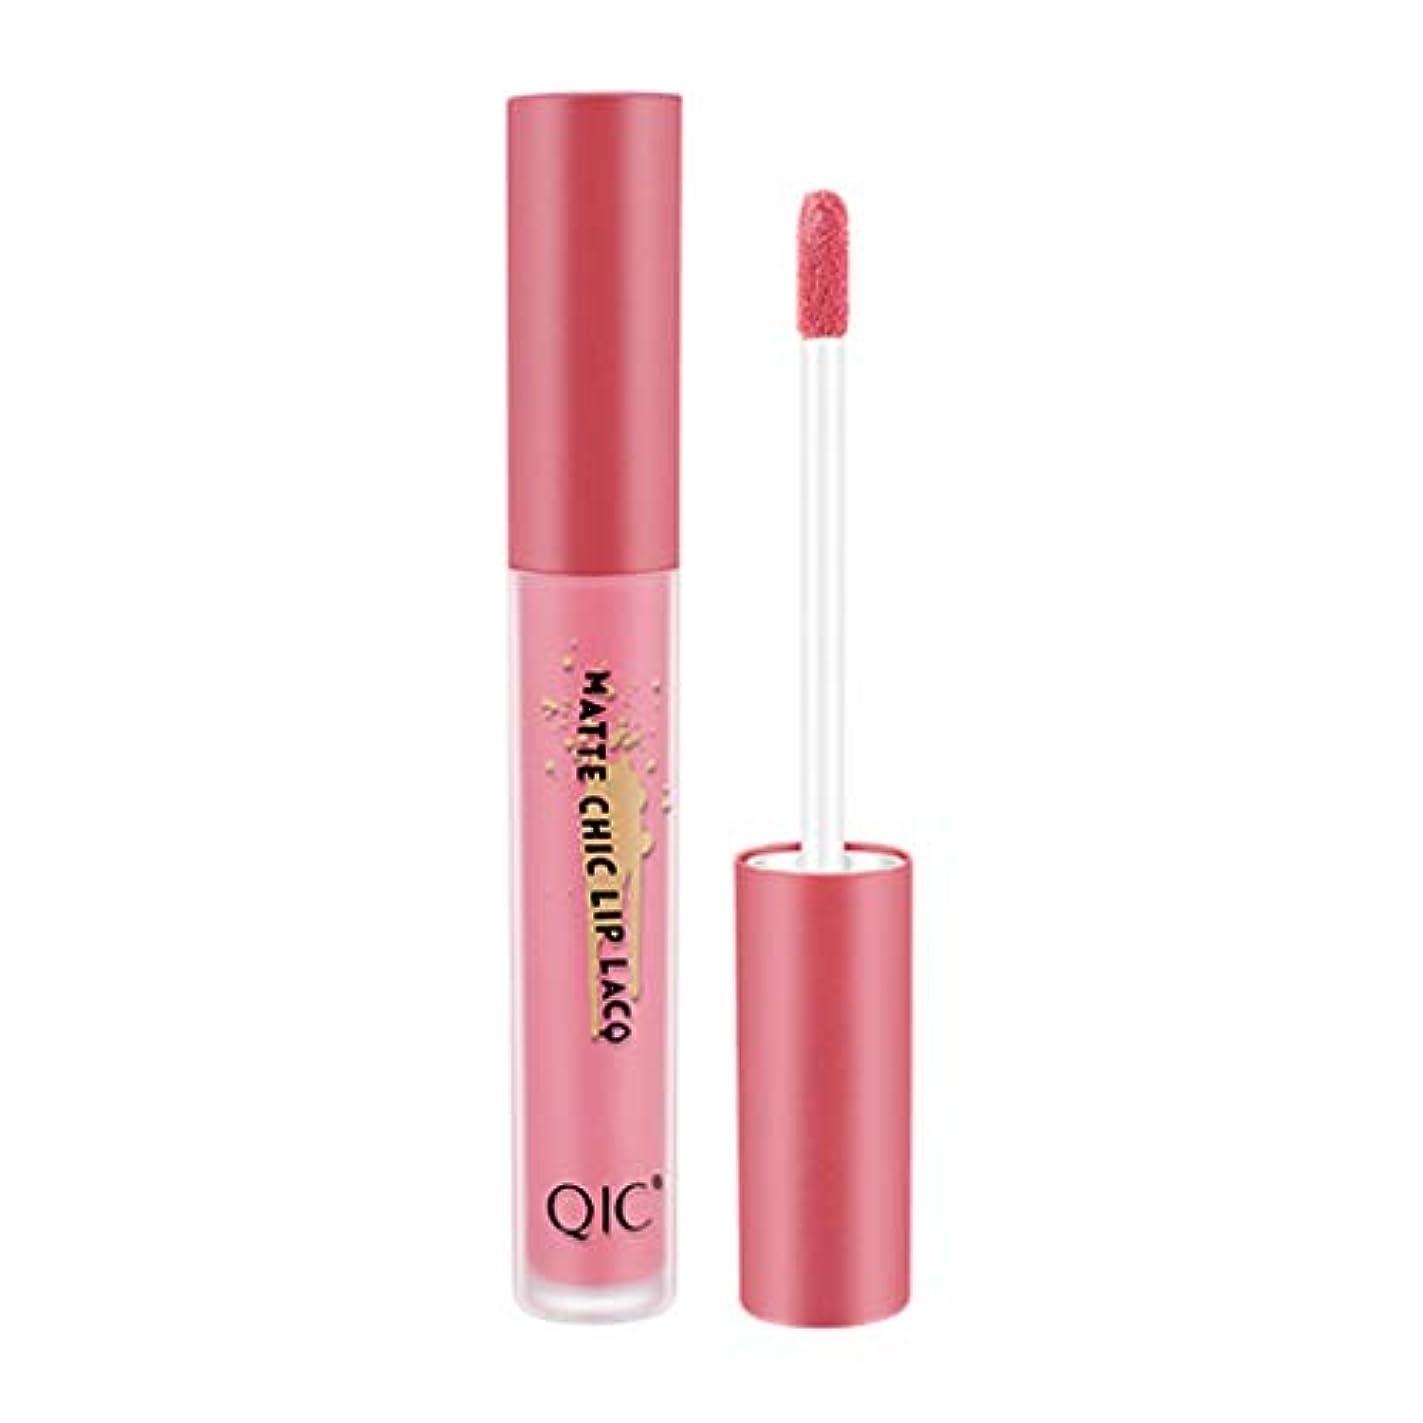 頂点品規制するQIC無光沢のセクシーな液体の唇の光沢の長続きがする防水は24時間を保ちます